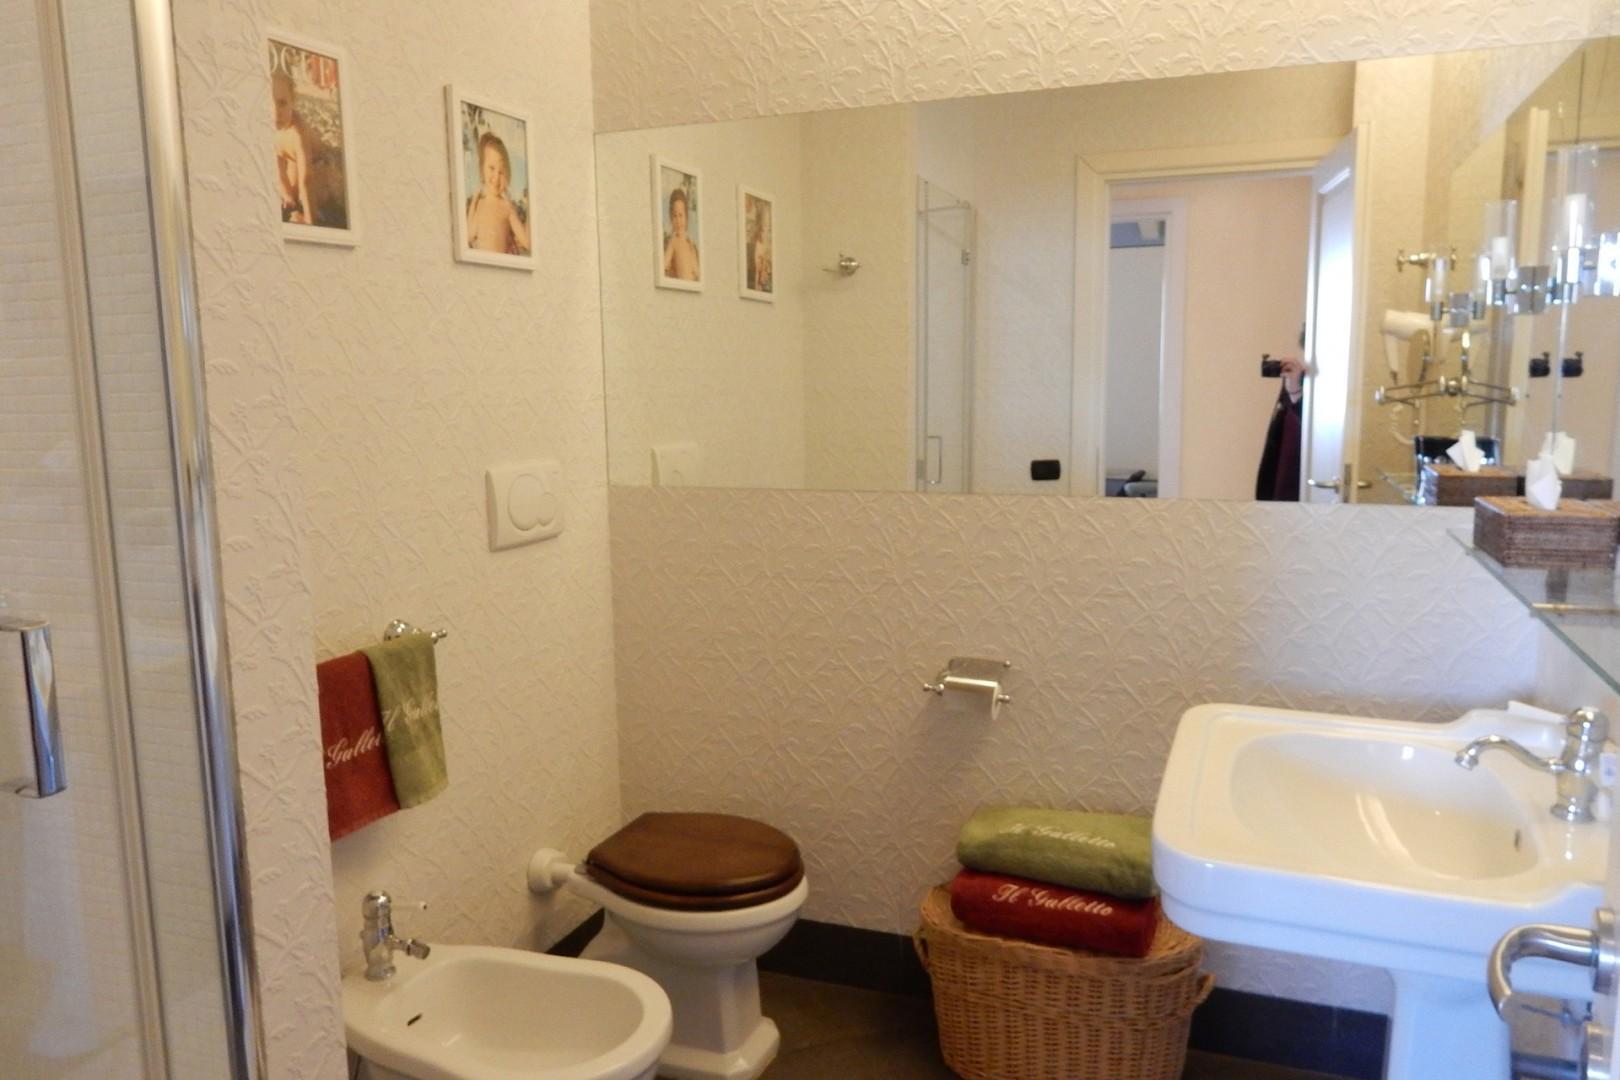 En suite bathroom has large shower, toilet, sink, bidet.